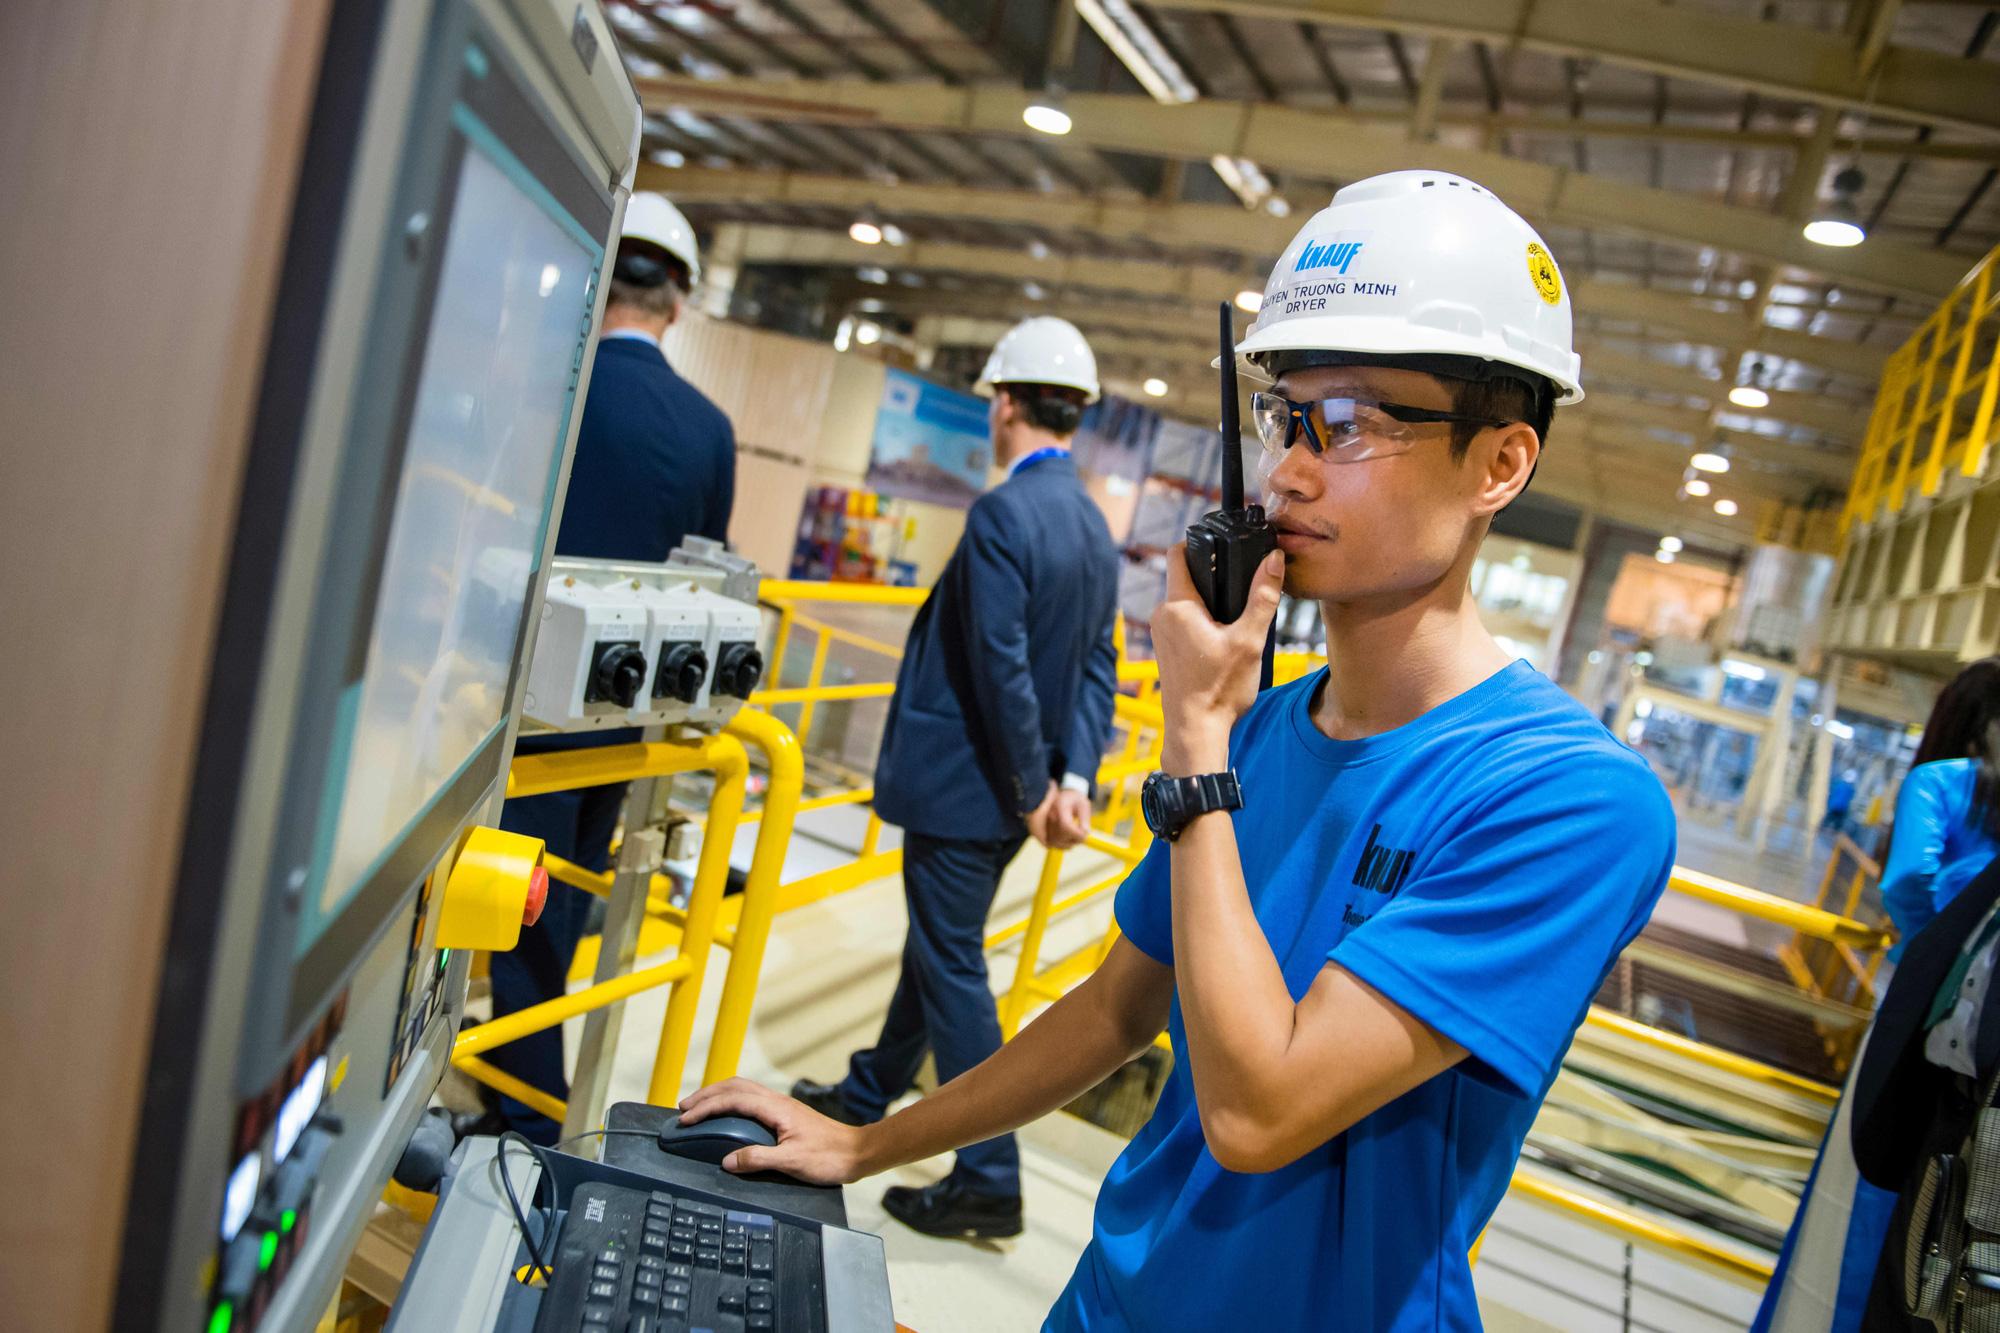 Doanh nghiệp Việt Nam kiểm soát chặt công nhân Trung Quốc trước bối cảnh dịch bệnh lan rộng - Ảnh 1.